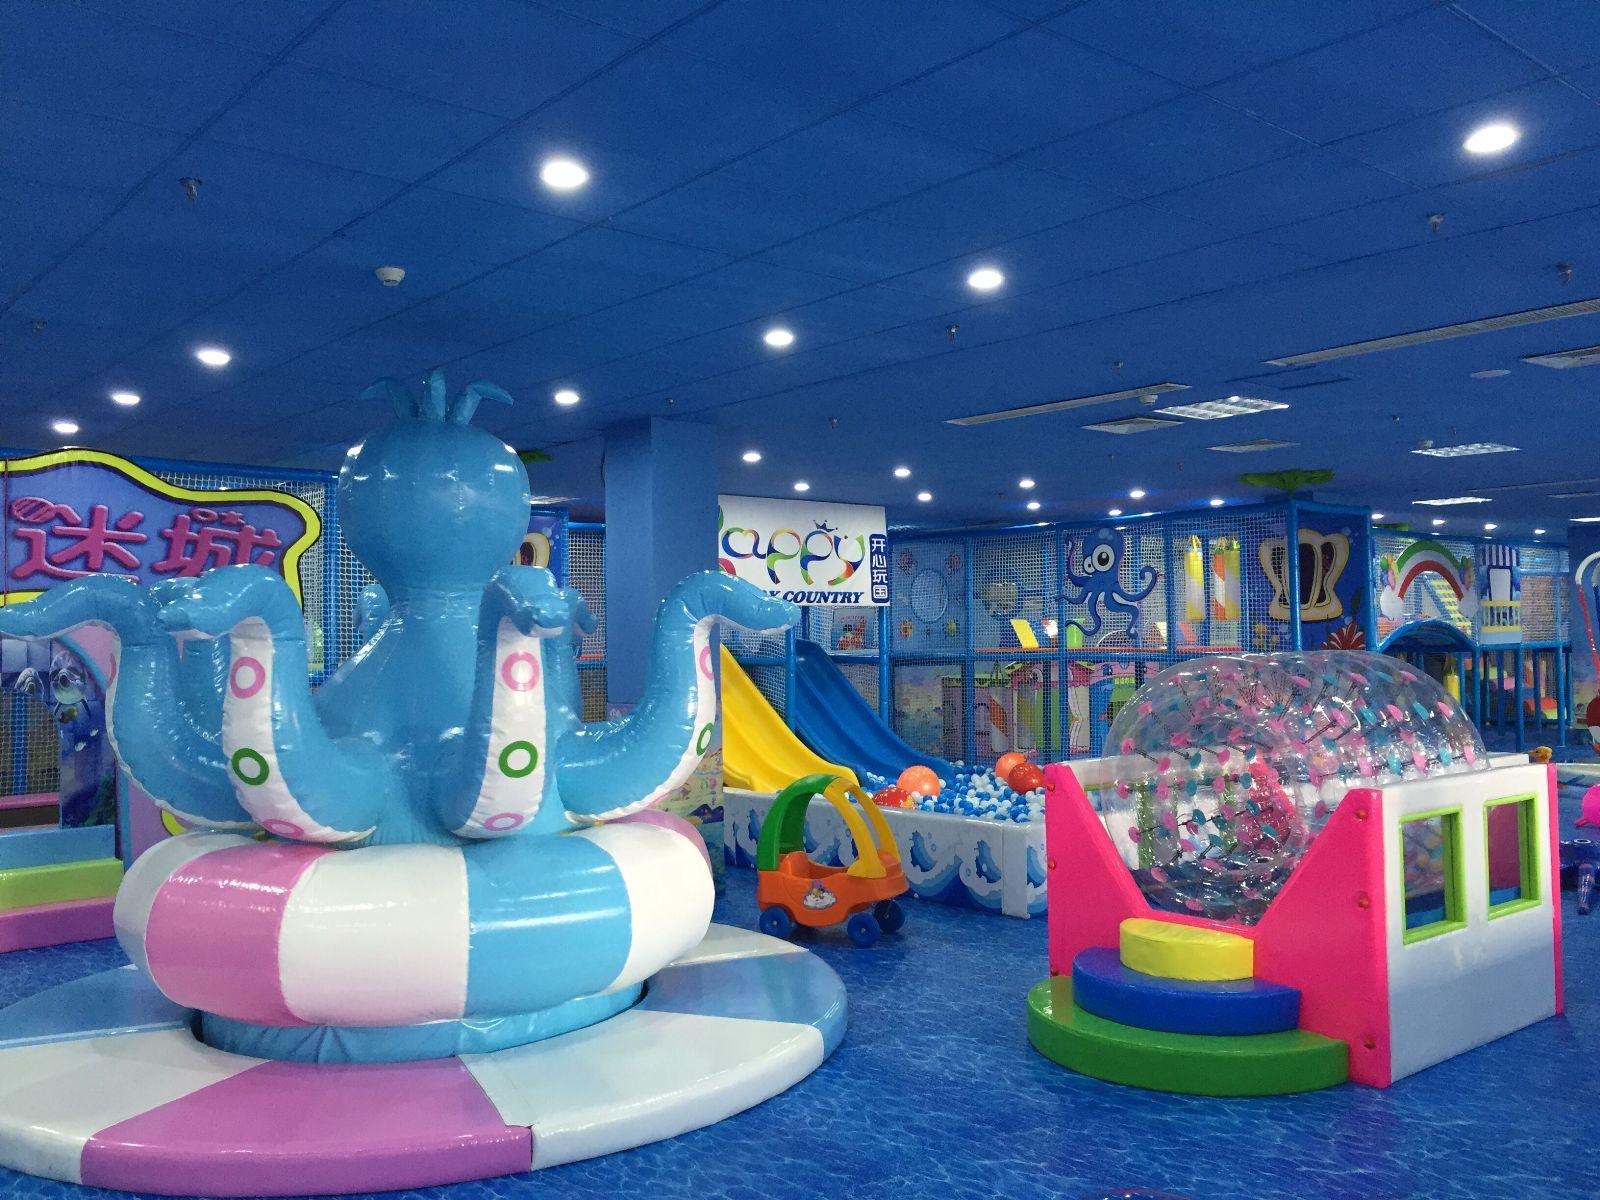 热烈祝贺开心玩国儿童未来主题乐园山东烟台店于圣诞节隆重开业!